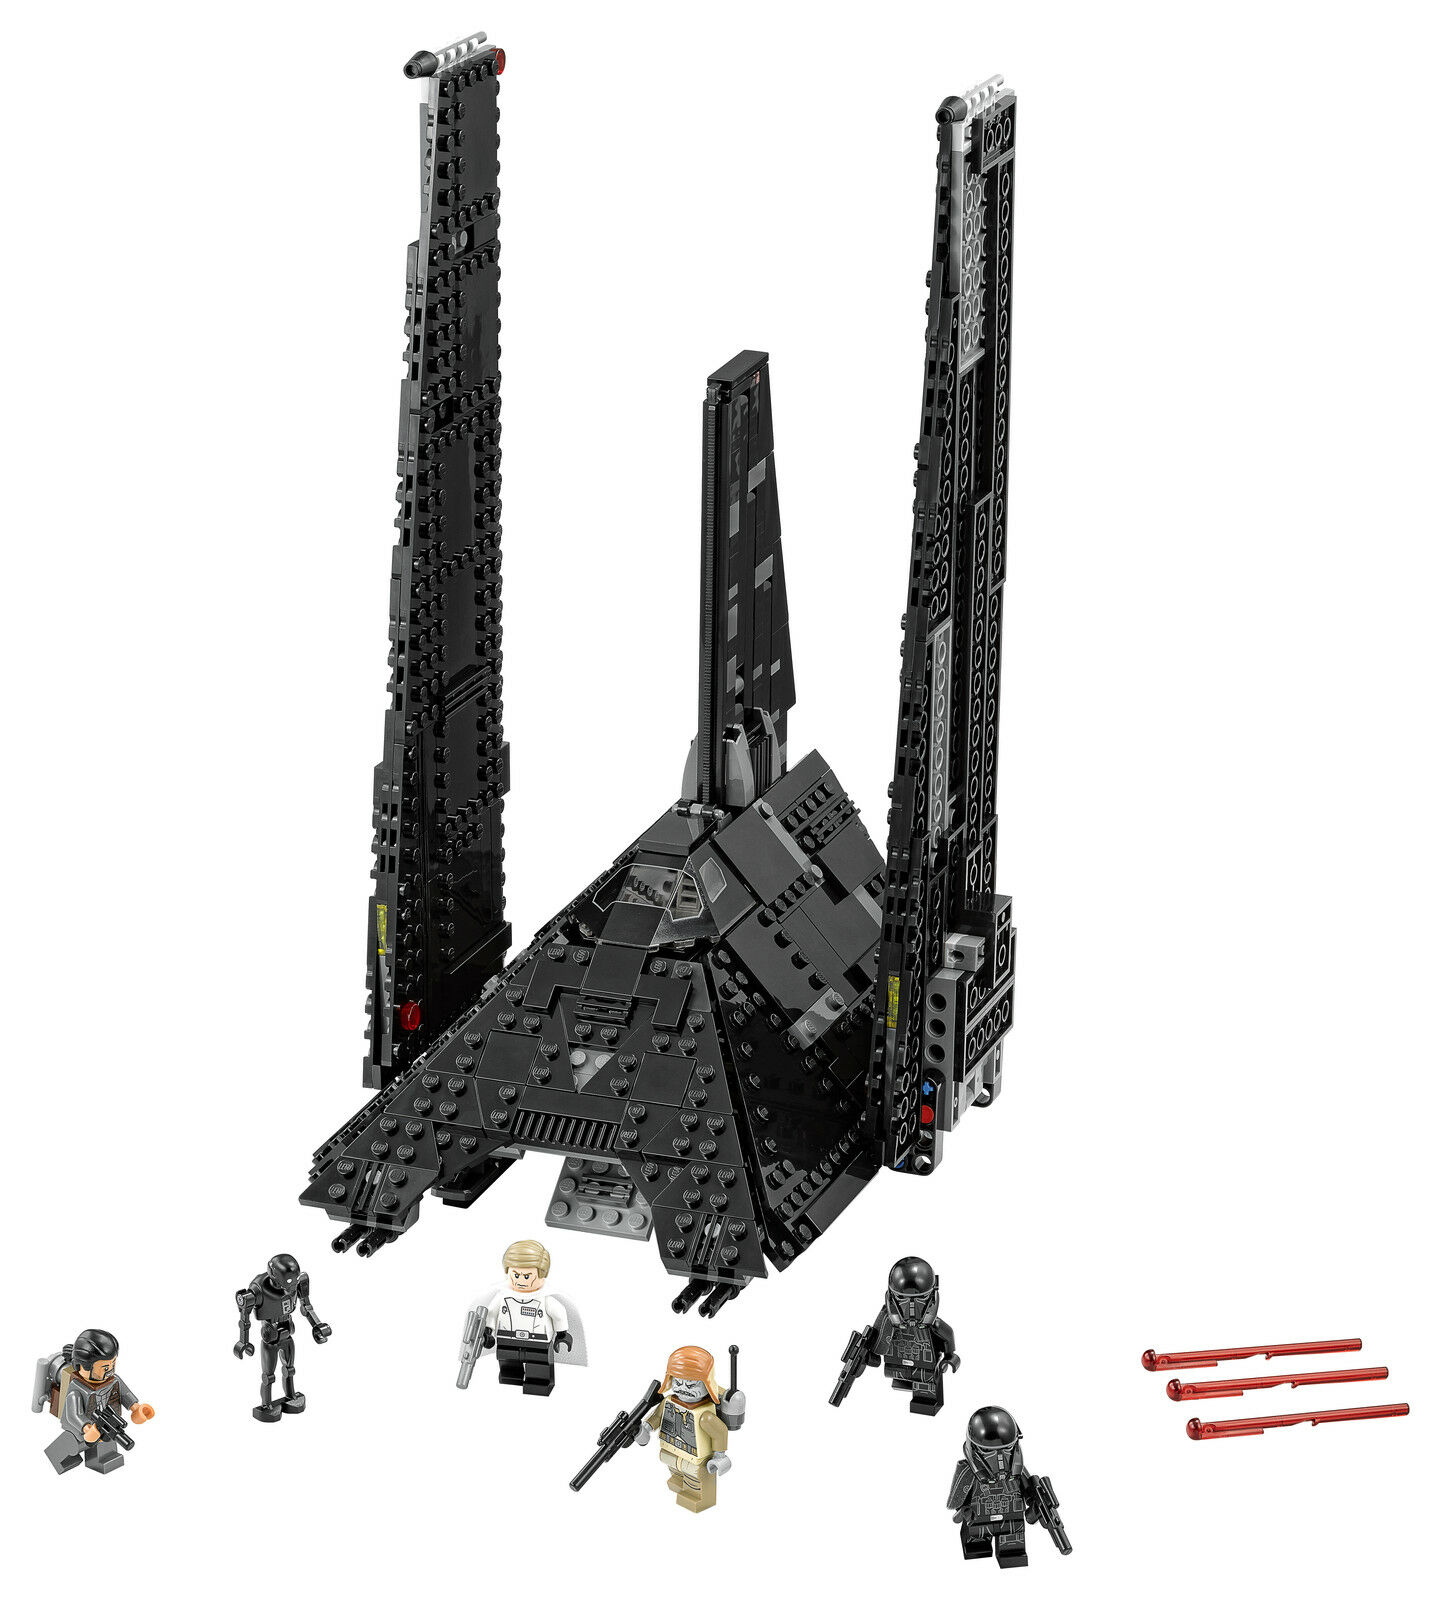 LEGO Star Wars 75156 Krennic's Imperial Shuttle Building Set BRAND NEW